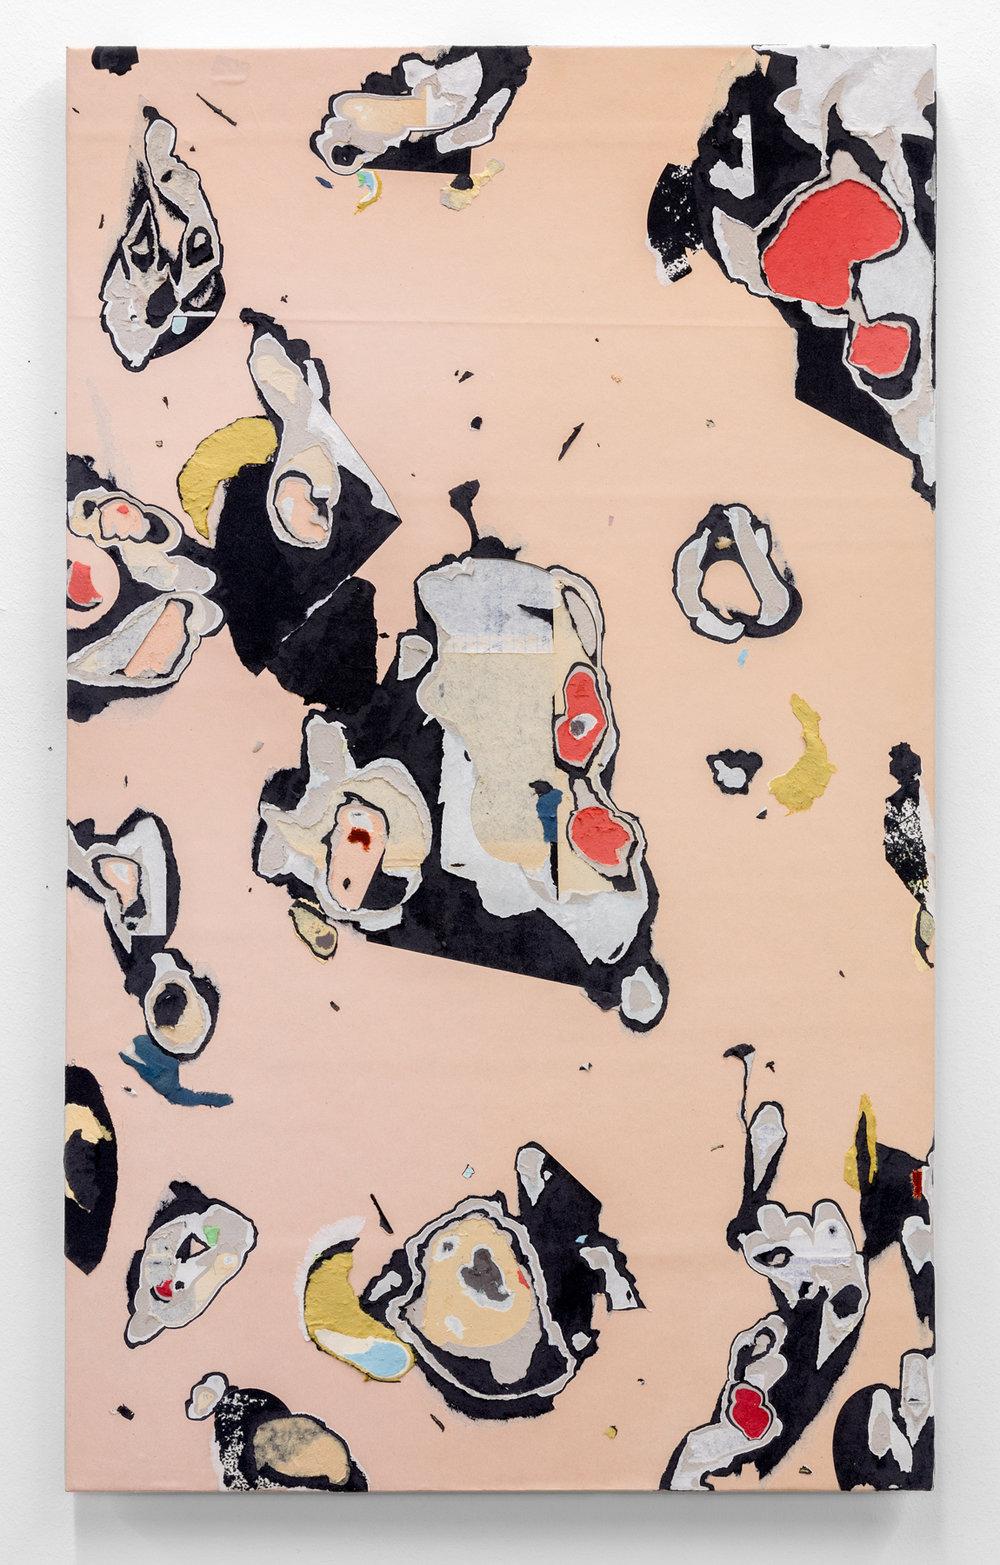 """Jacob Whibley, lonely mountains gaze , 2017, papiers trouvés sur panneau,76 x 46 cm (30"""" x 18.25"""""""